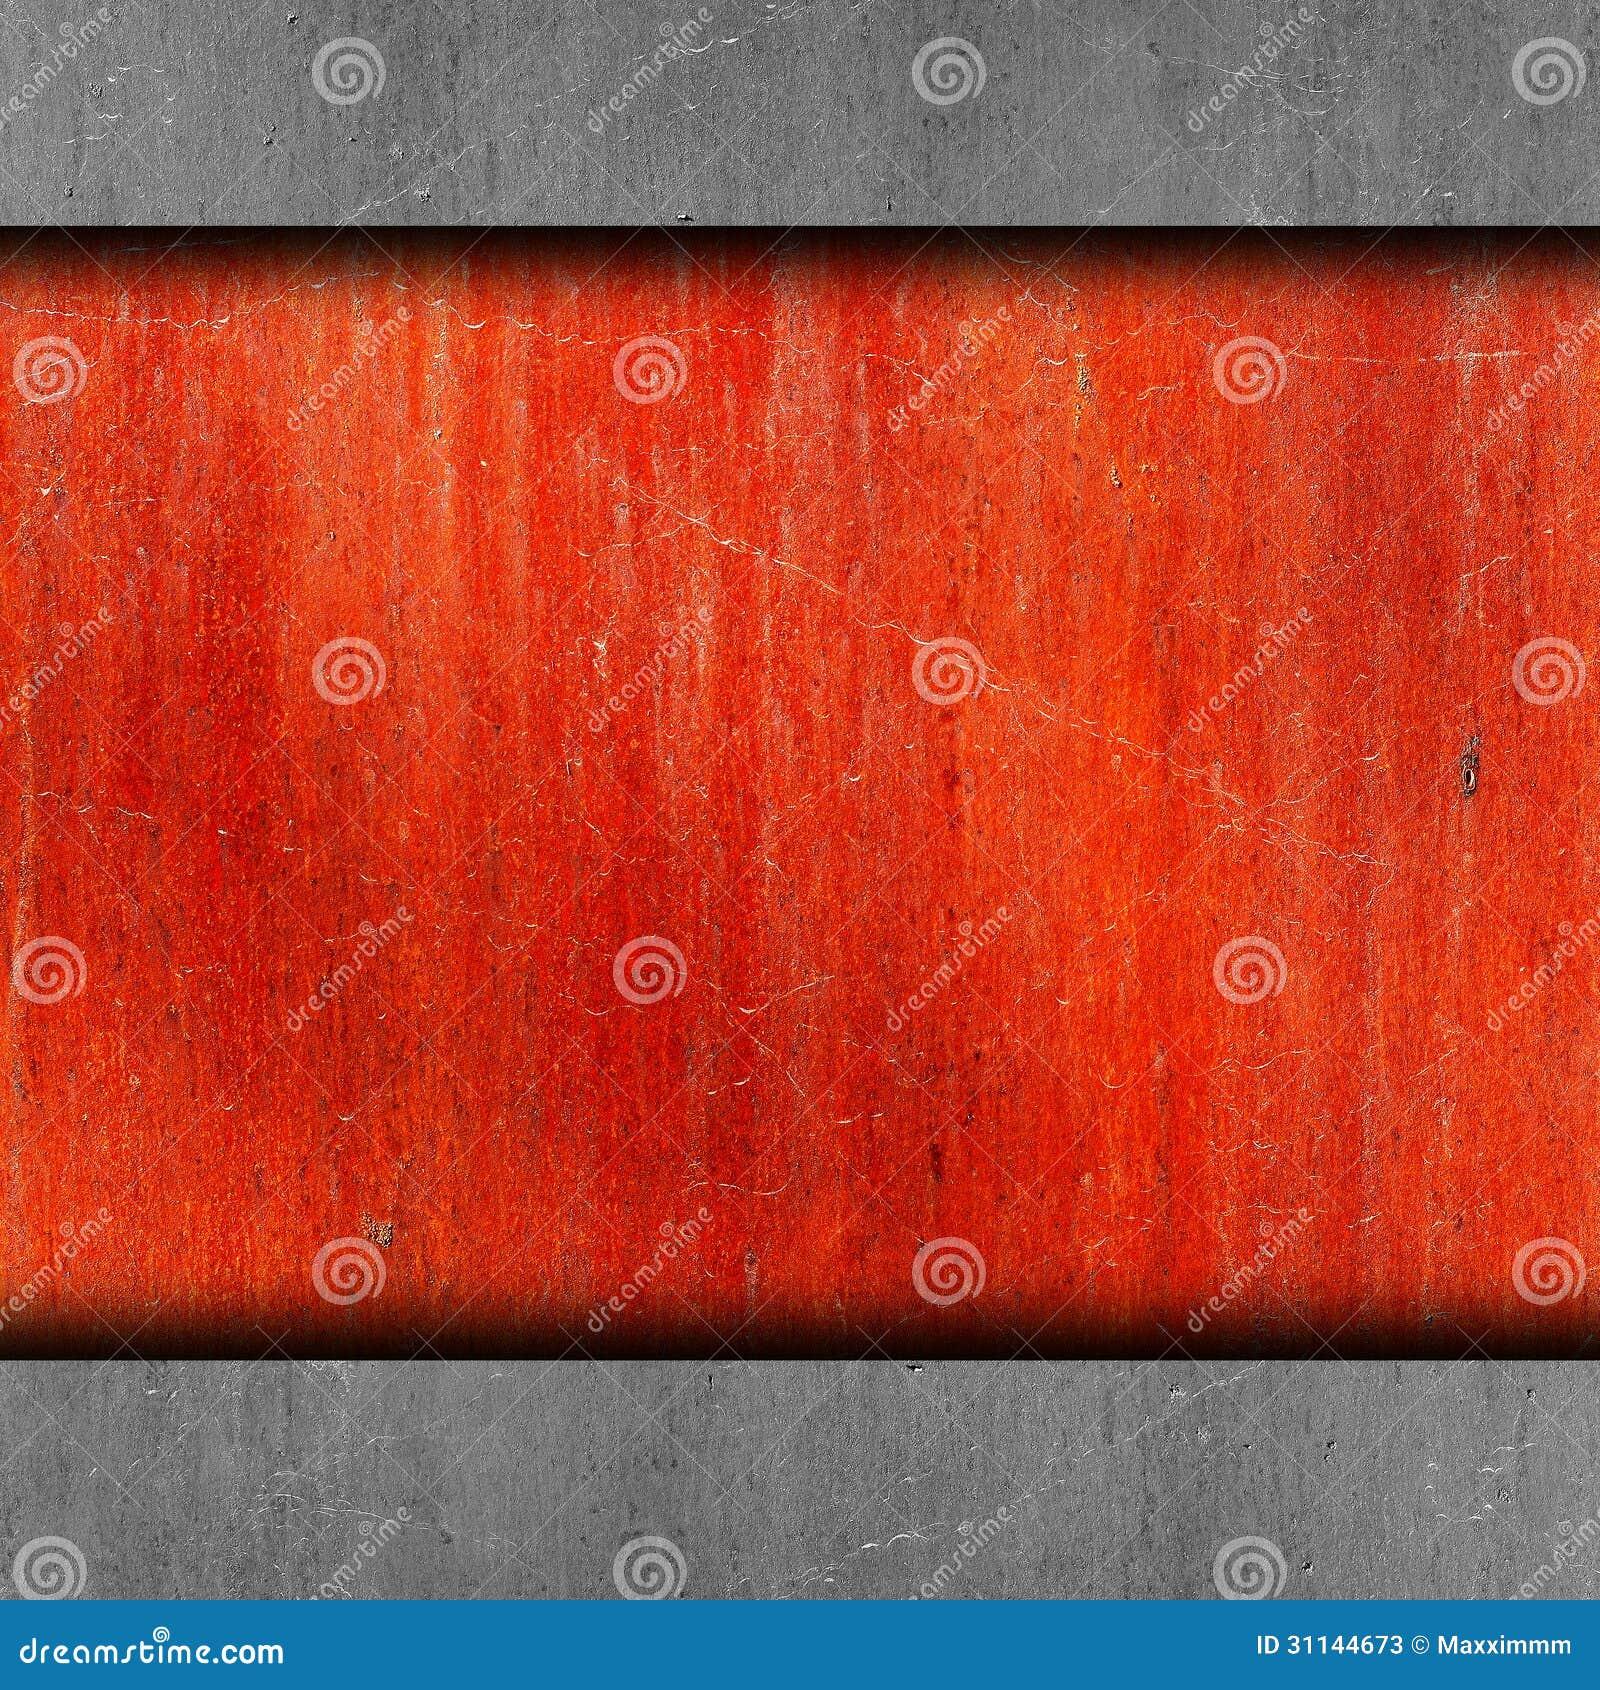 Rouge Peinture Vieil Abrégé Sur Rouillé Grunge De Mur De Fer Image